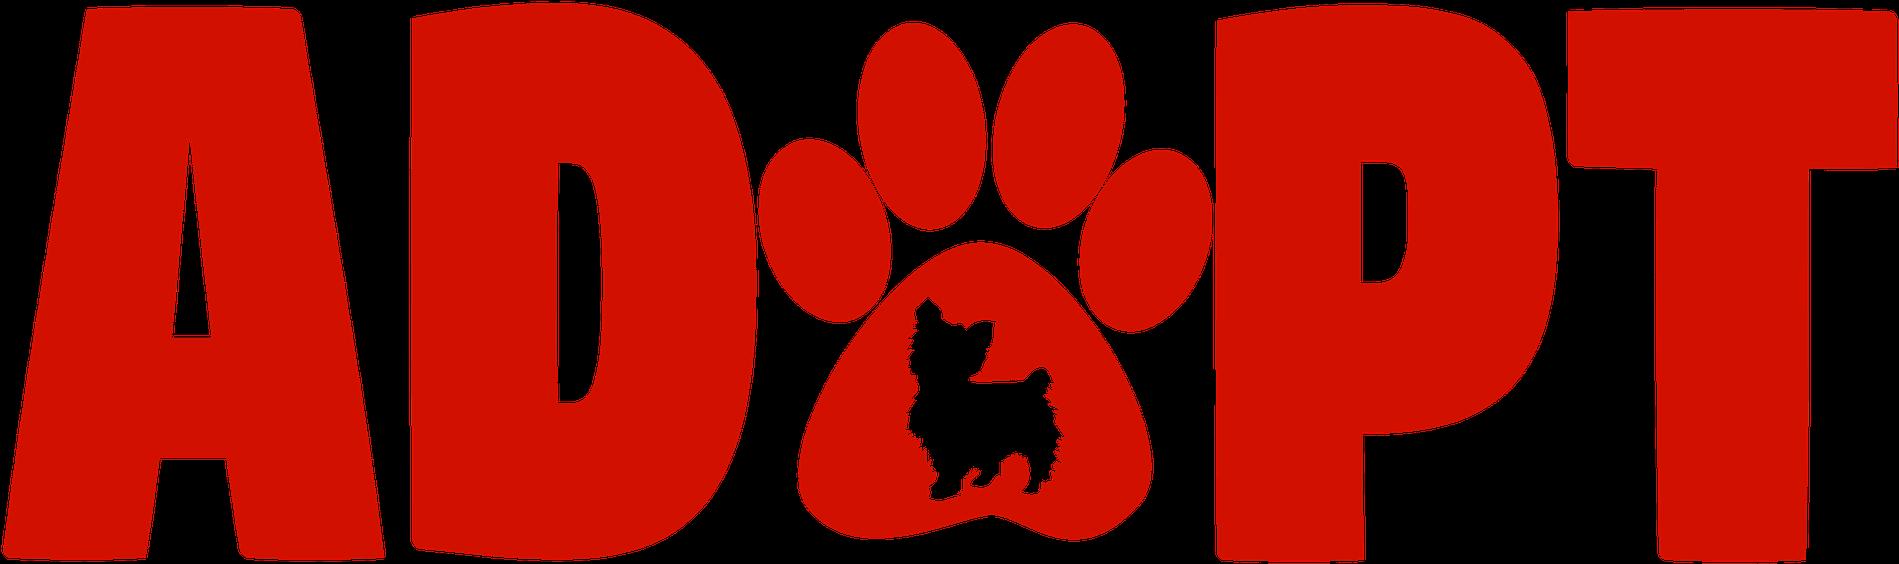 Adopt Dogs Cats - Adopt A Dog Png , Transparent Cartoon - Jing.fm